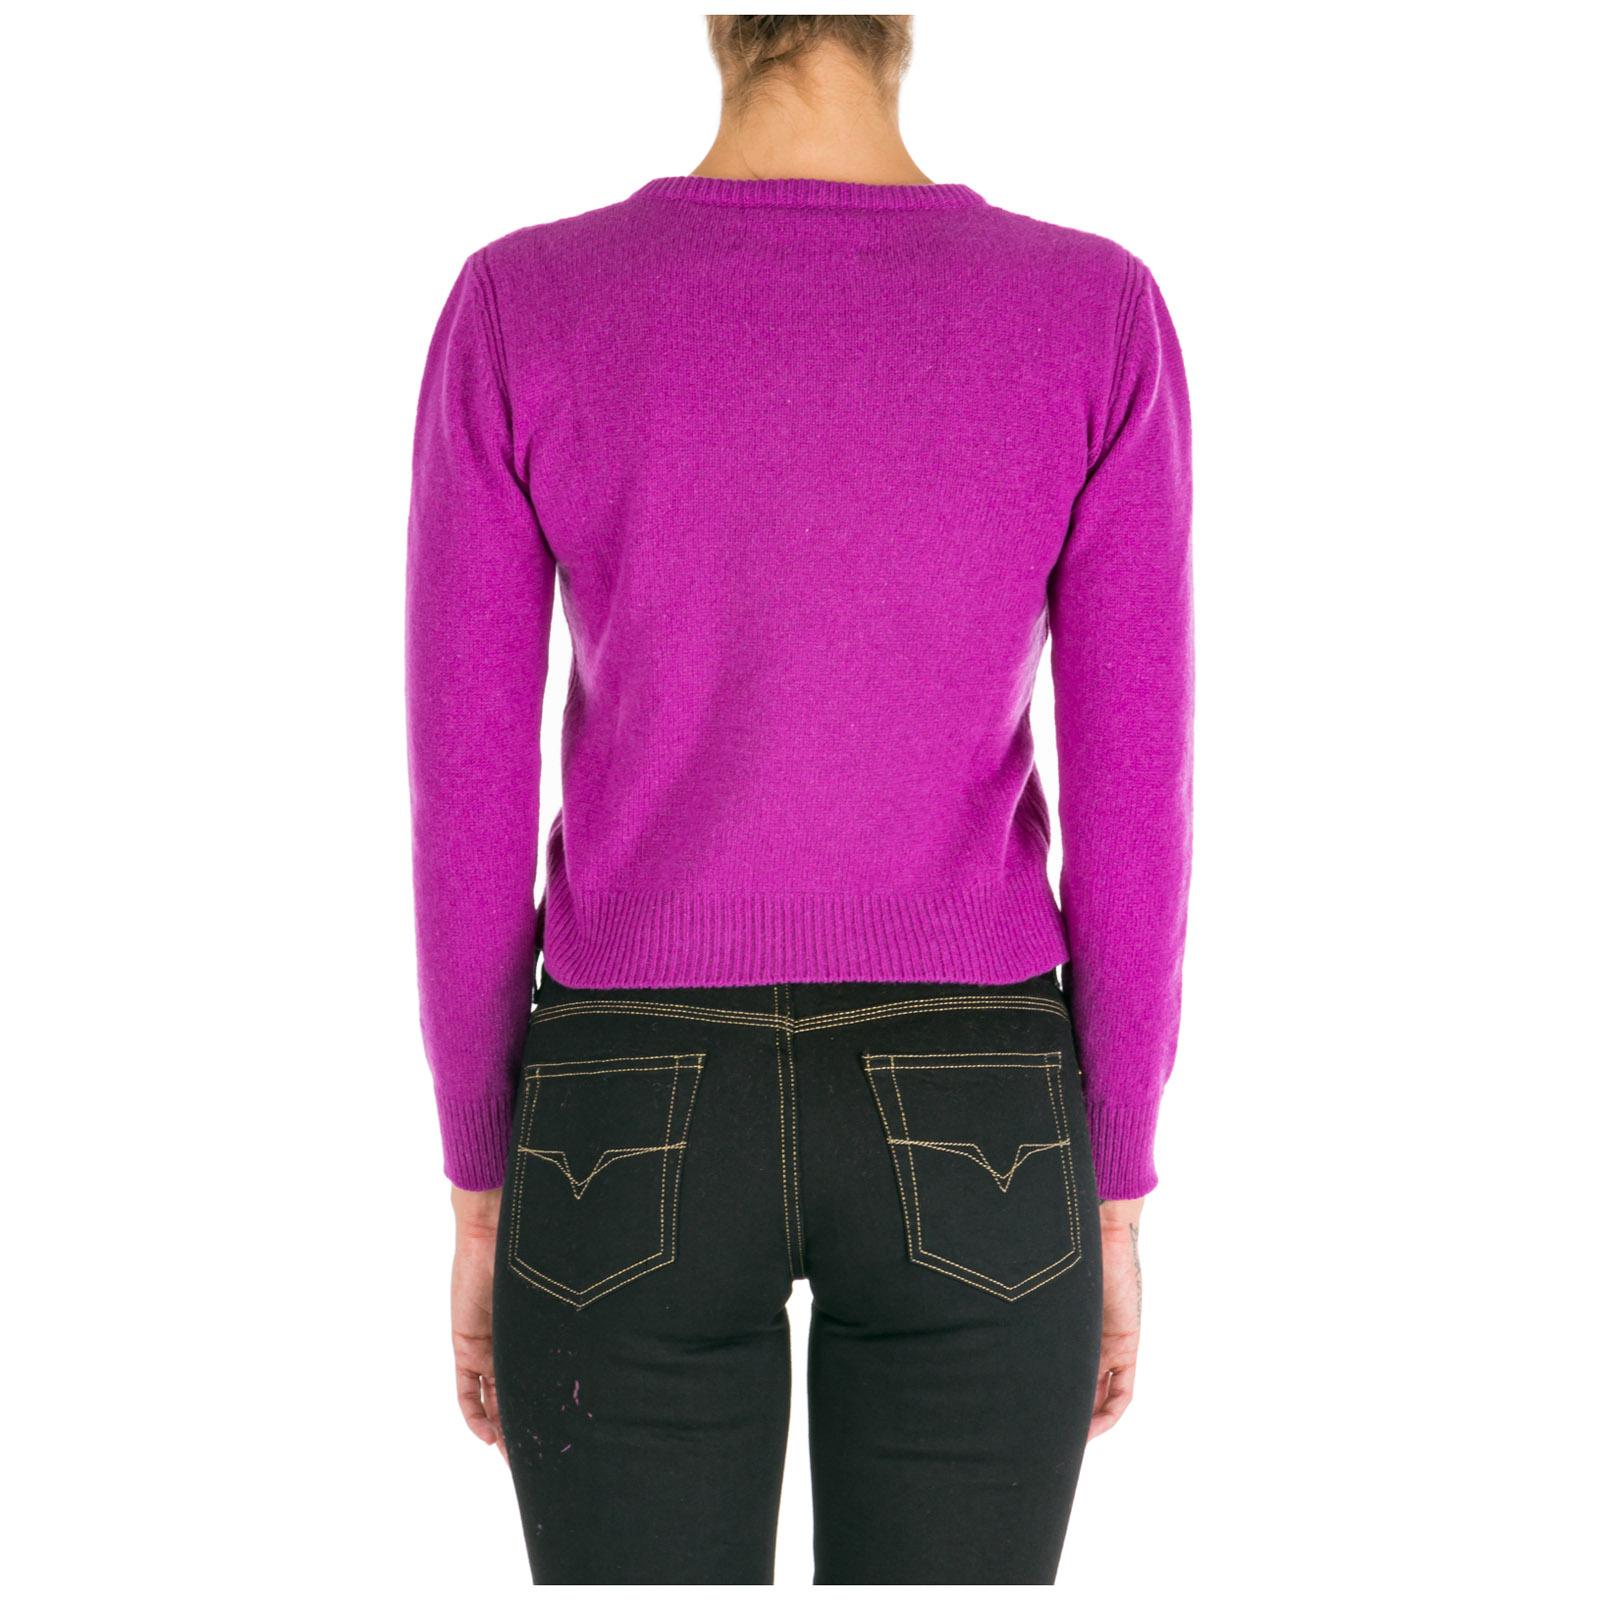 Women's jumper sweater crew neck round rainbow week tuesday